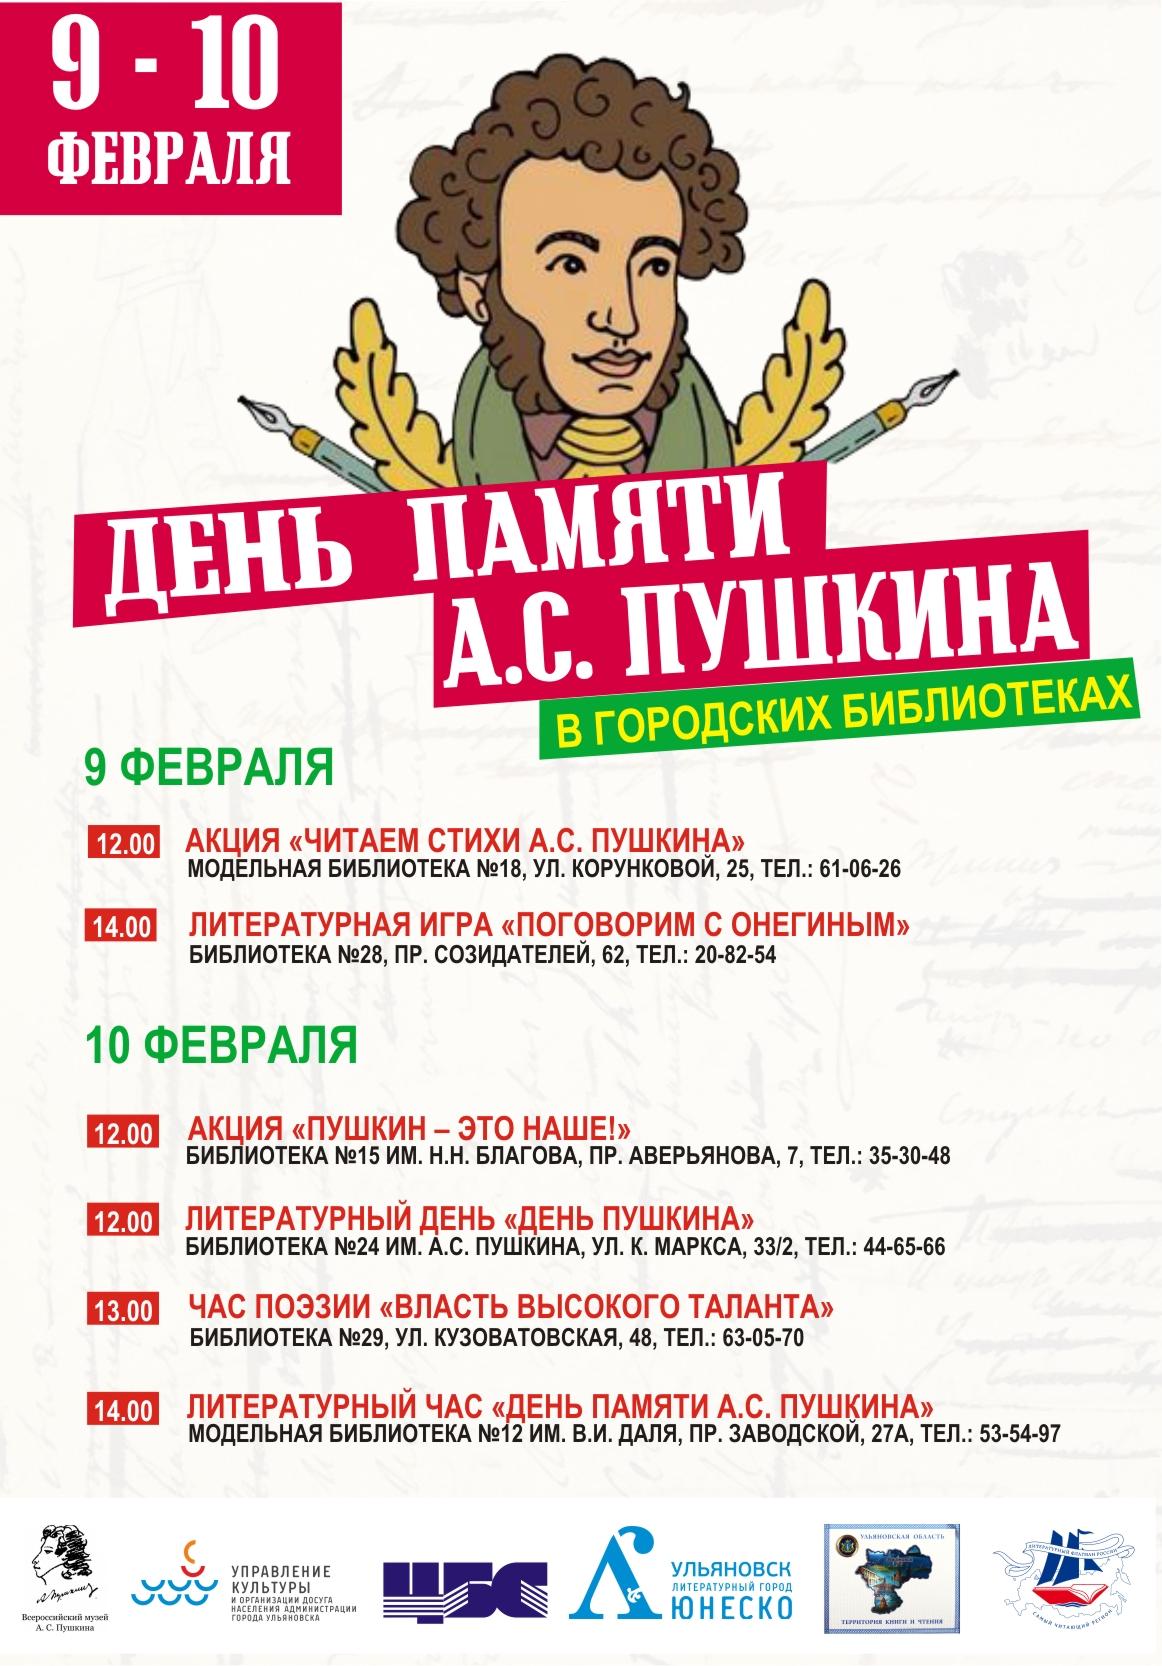 Мероприятия памяти  А.С. Пушкина в библиотеках города